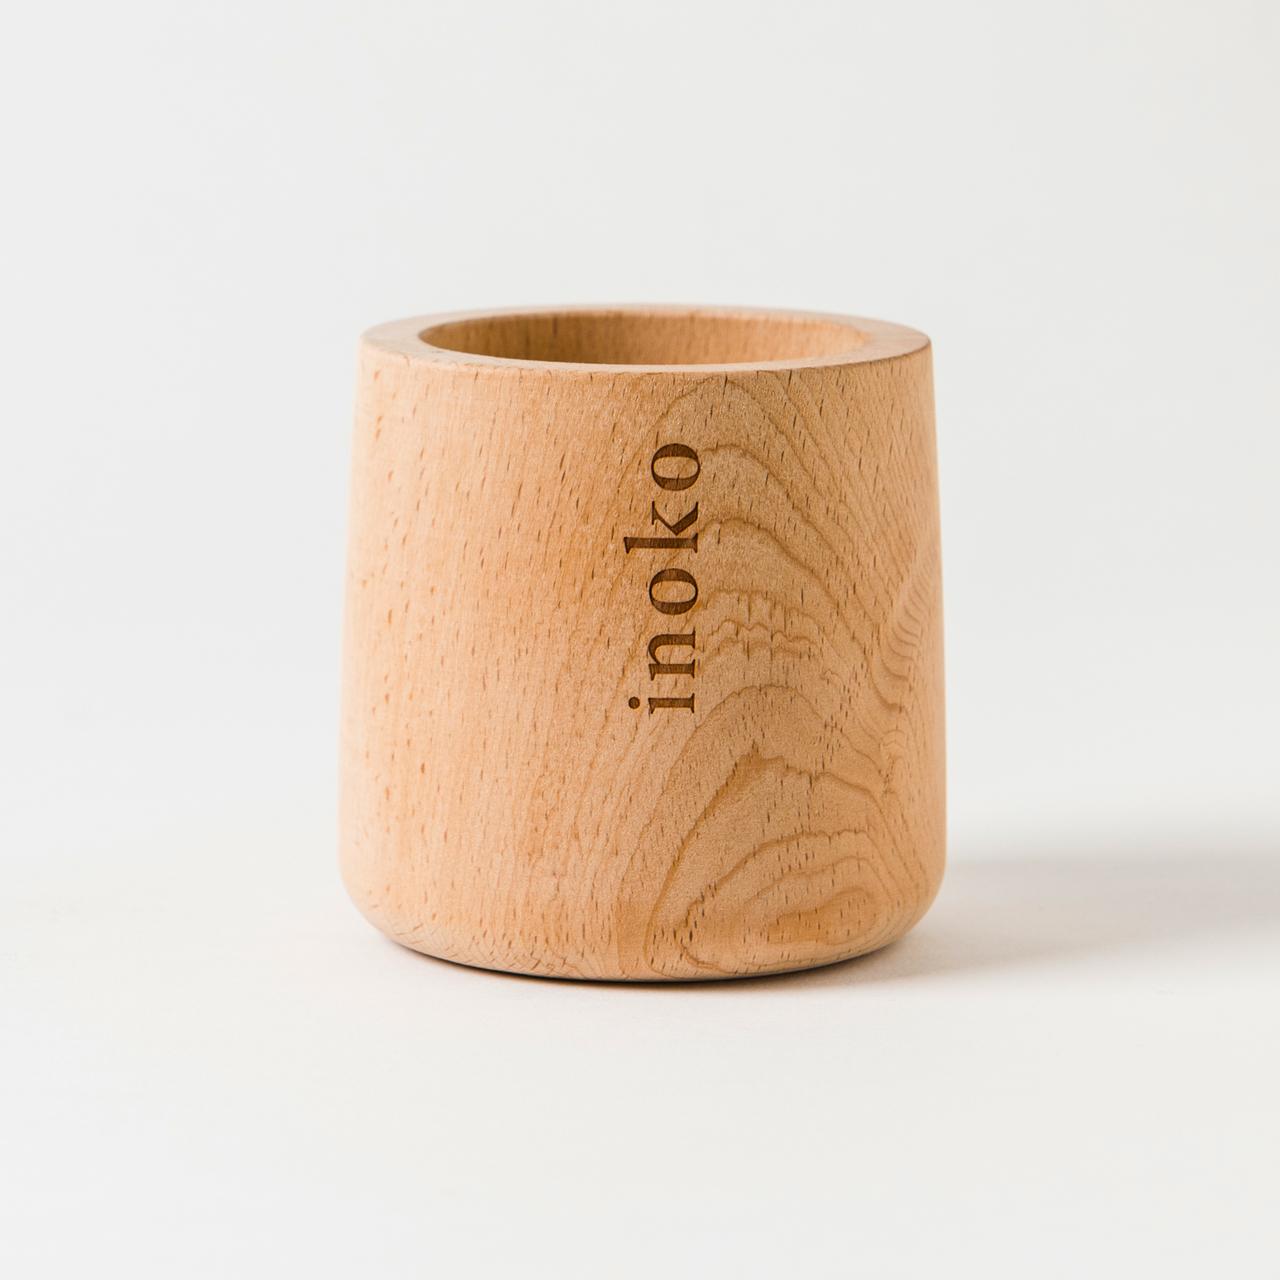 Inoko timber vessel | the design gift shop